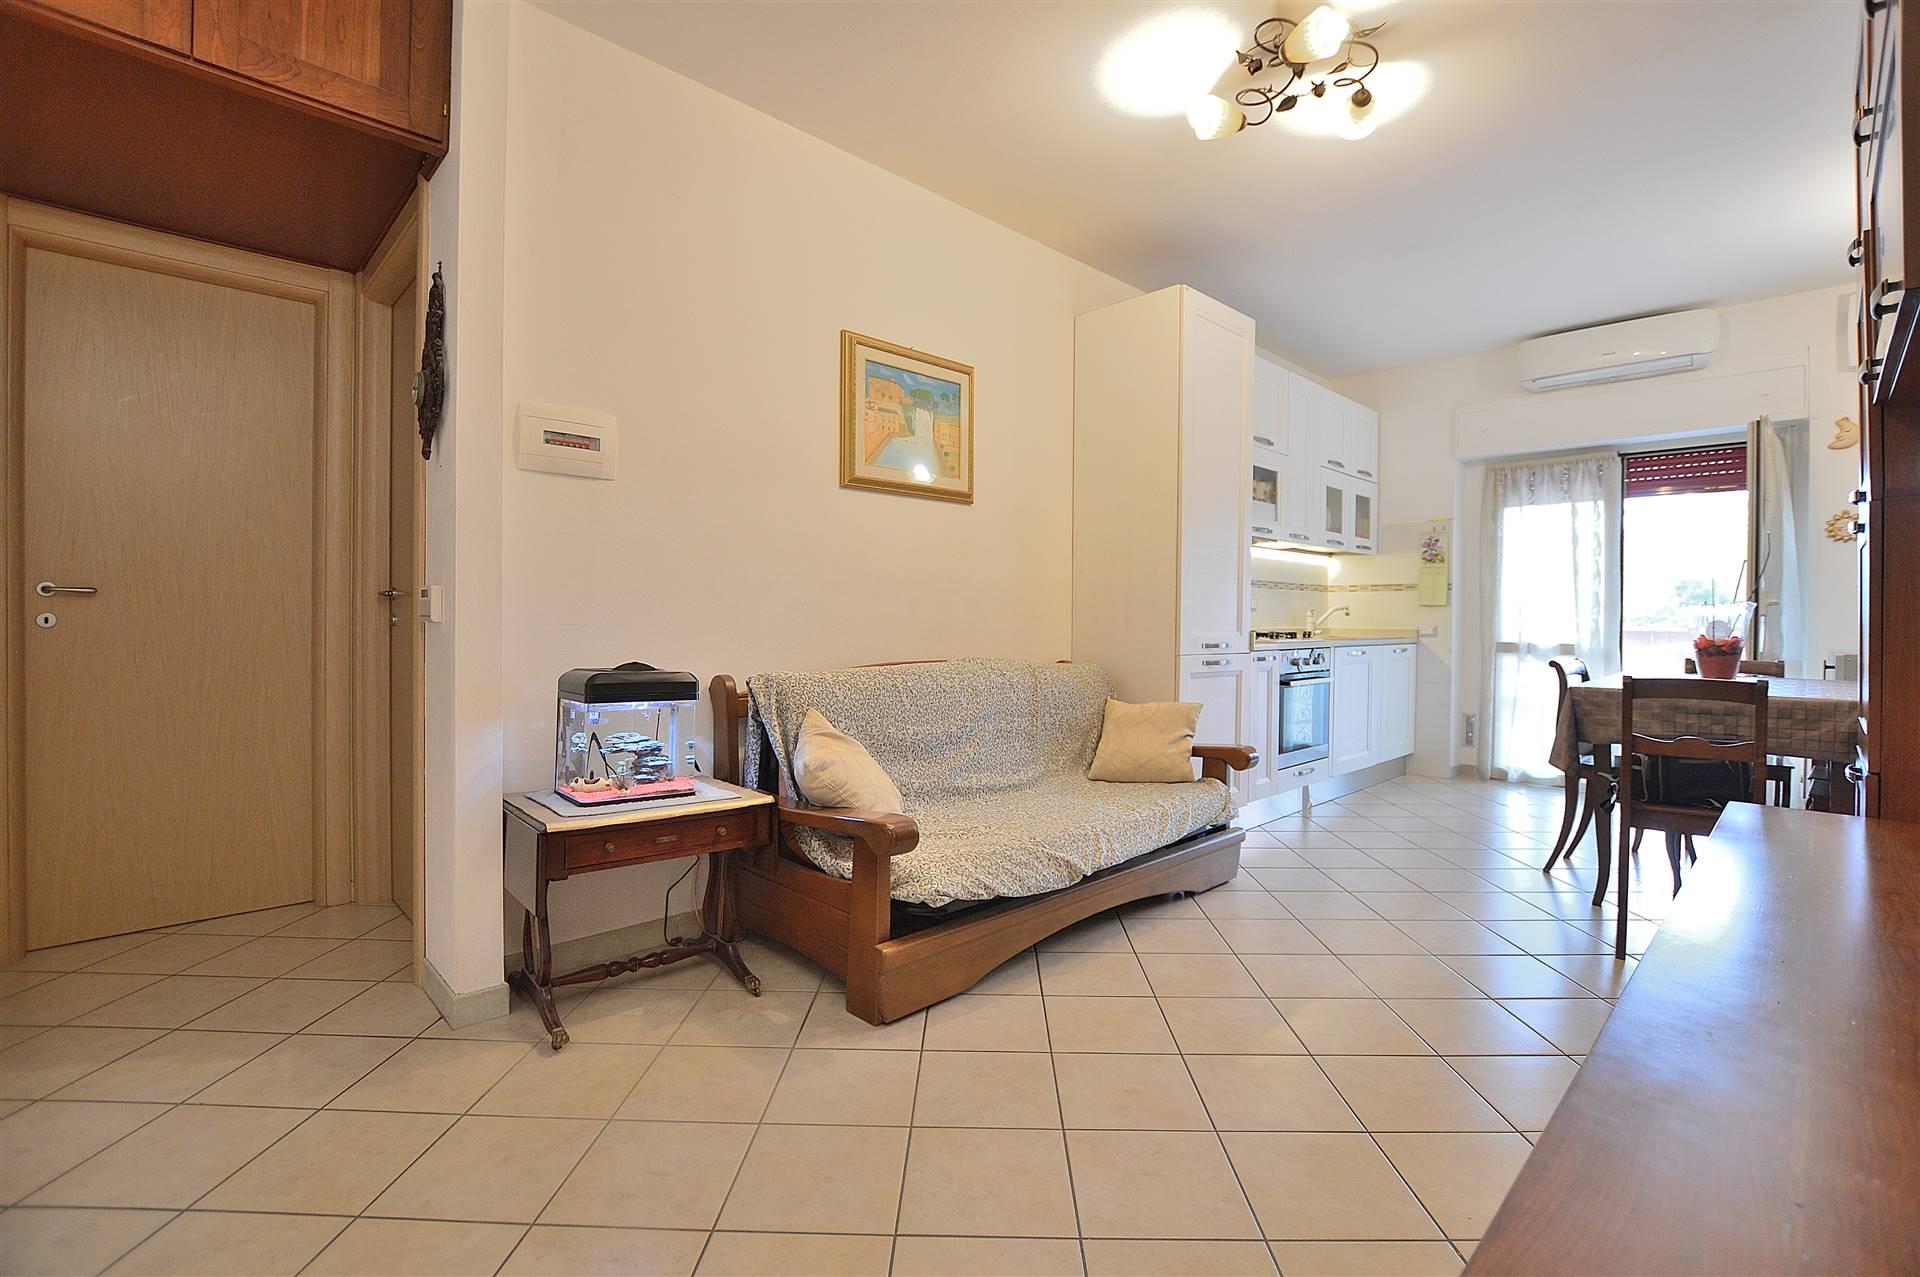 Ponte a Tressa, in piacevole contesto residenziale, proponiamo appartamento con resede piastrellato posto al piano terra di una bella palazzina in